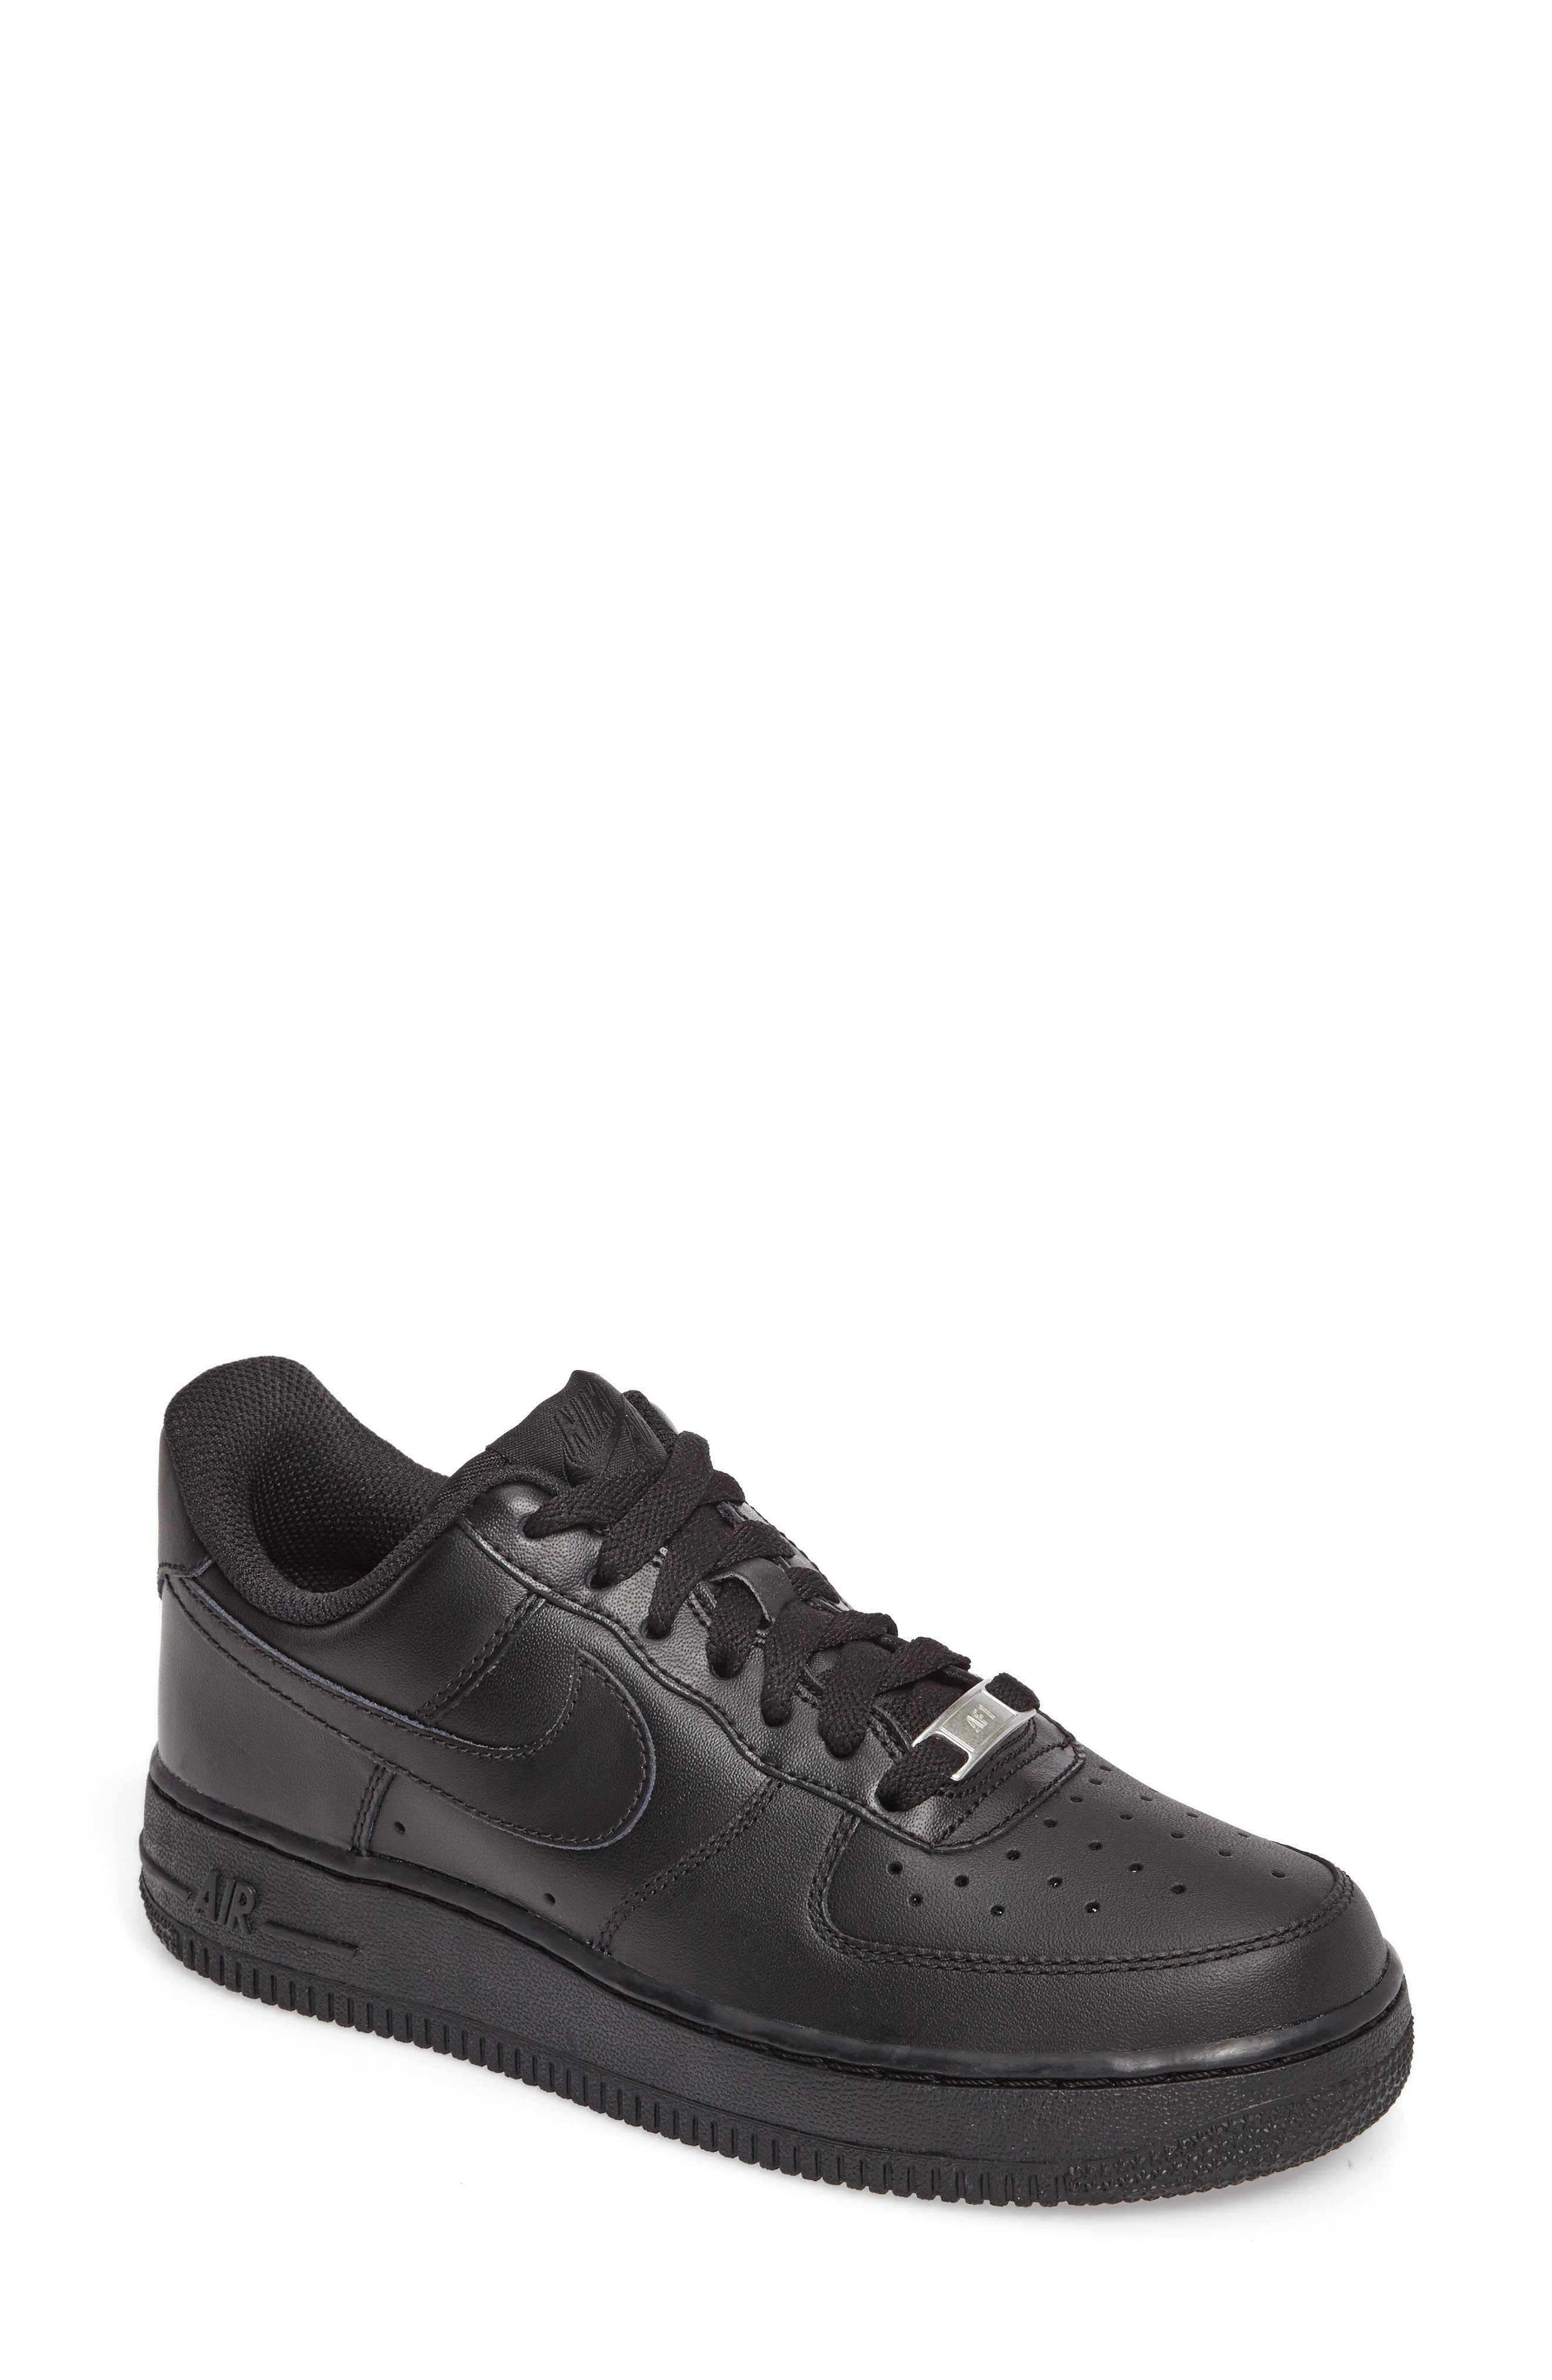 Women\u0027s Nike Shoes